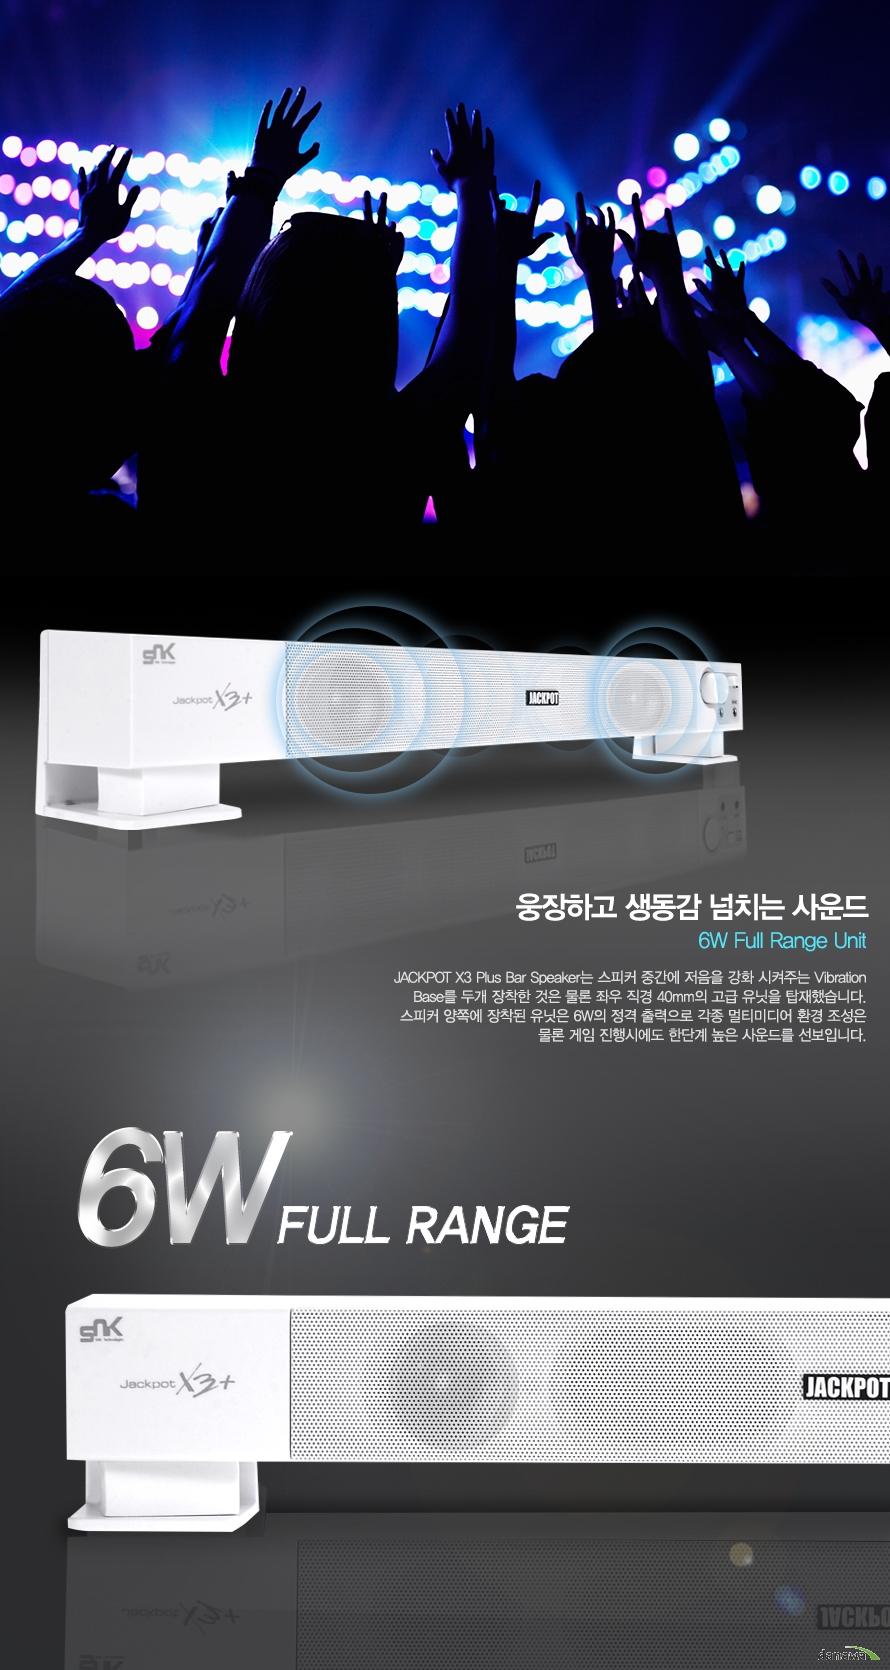 웅장하고 생동감 넘치는 사운드 6W Fullrange unit    Jackpot x3 Plus Bar speaker는 스피커 중간에 저음을 강화시켜주는 Vibration Base를 두개 장찬한 것은 물론 좌우 직경 40mm의 고급 유닛을 탑재하였습니다. 스피커 양쪽에 장착된 유닛은 6W 정격 출력으로 각종 멀티미디어 환경 조성은 물론 게임 진행시에도 한단계 높은 사운드를 선보입니다.